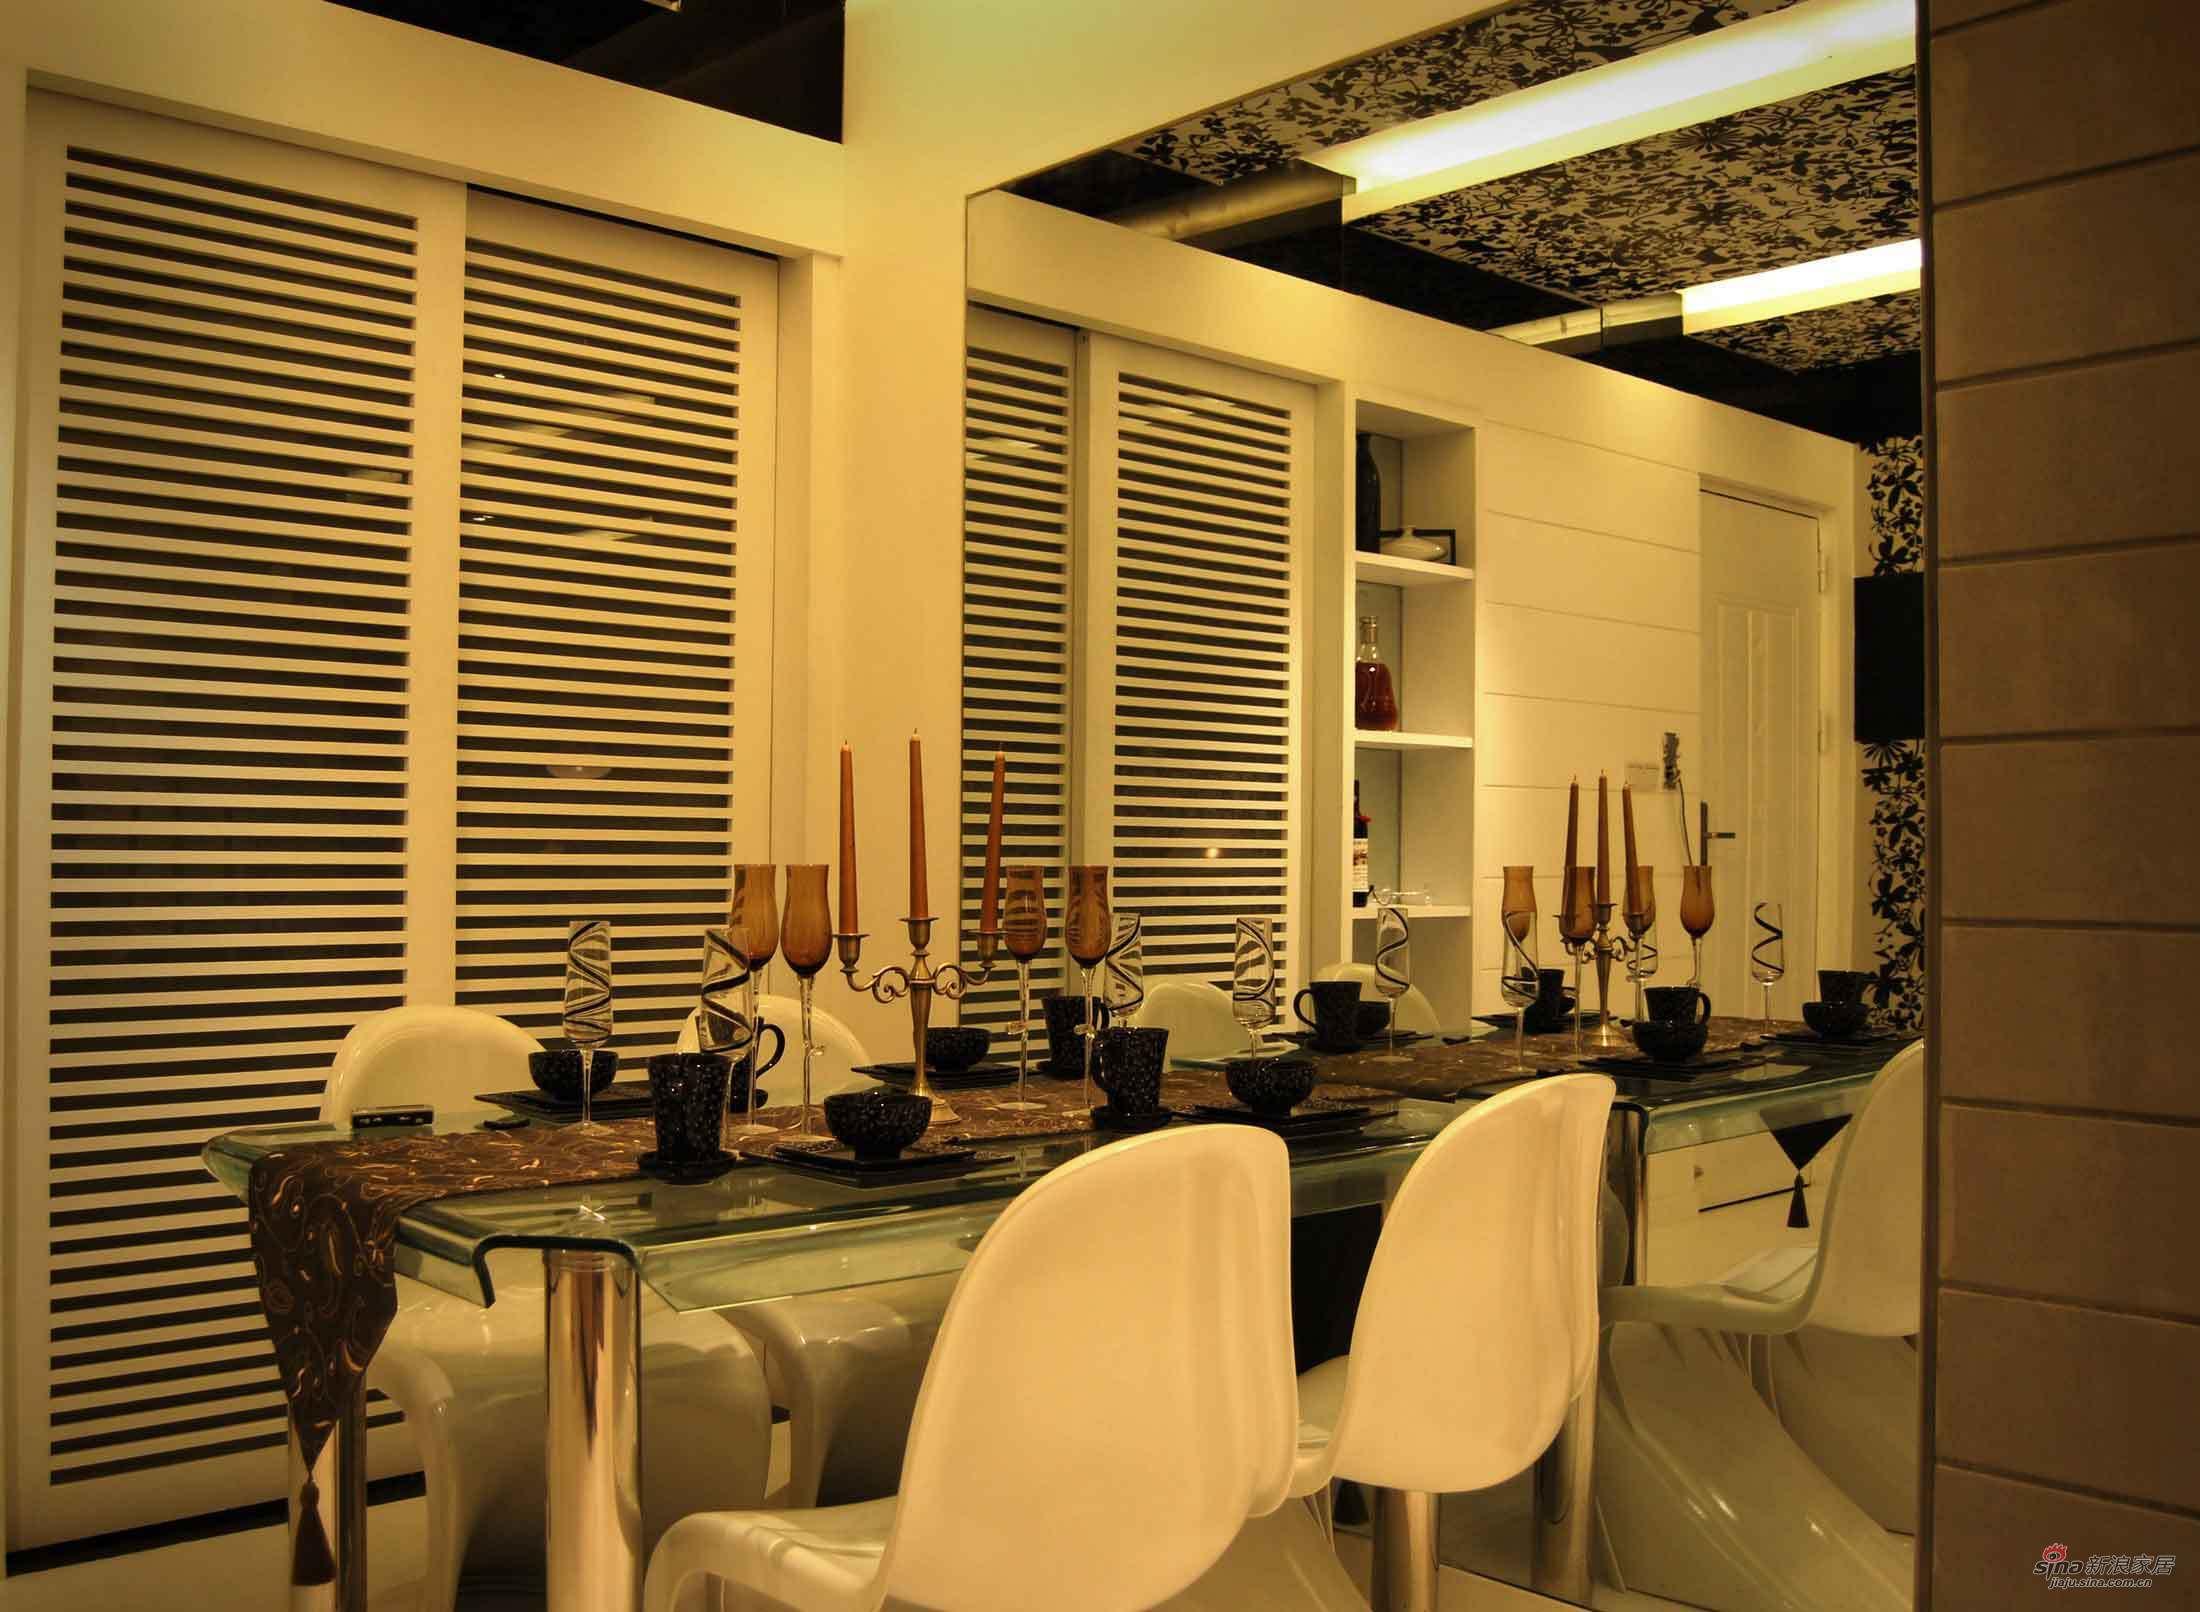 中式 二居 餐厅图片来自用户1907696363在龙年行大运 10万给你85平中式大气家46的分享